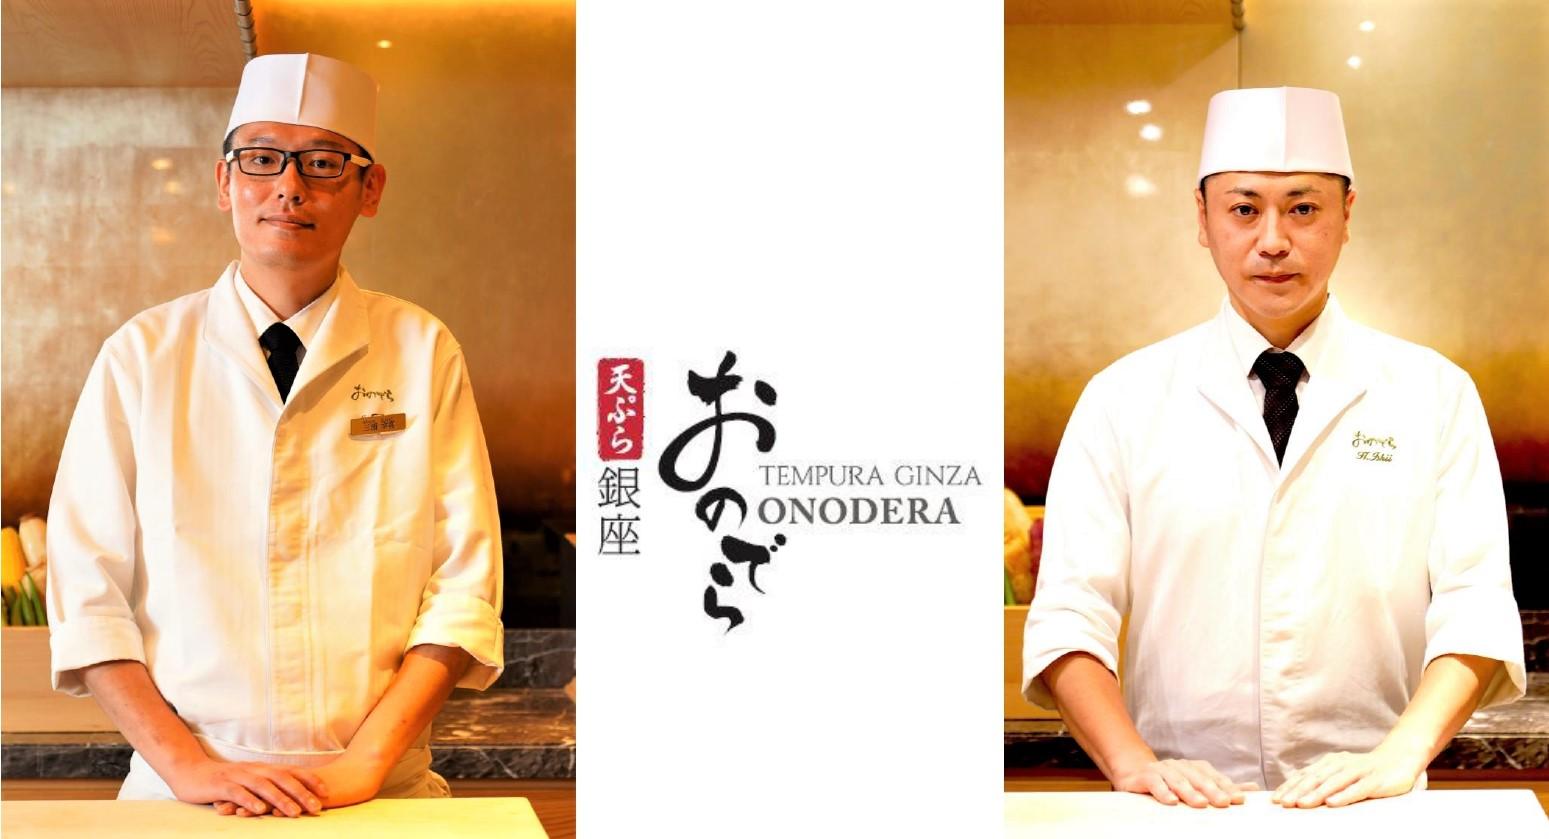 【Press Release】天ぷら×割烹の華麗なる「饗演(きょうえん)」―「天ぷら 銀座おのでら」東銀座店の挑戦・新ディナーコース提供開始!